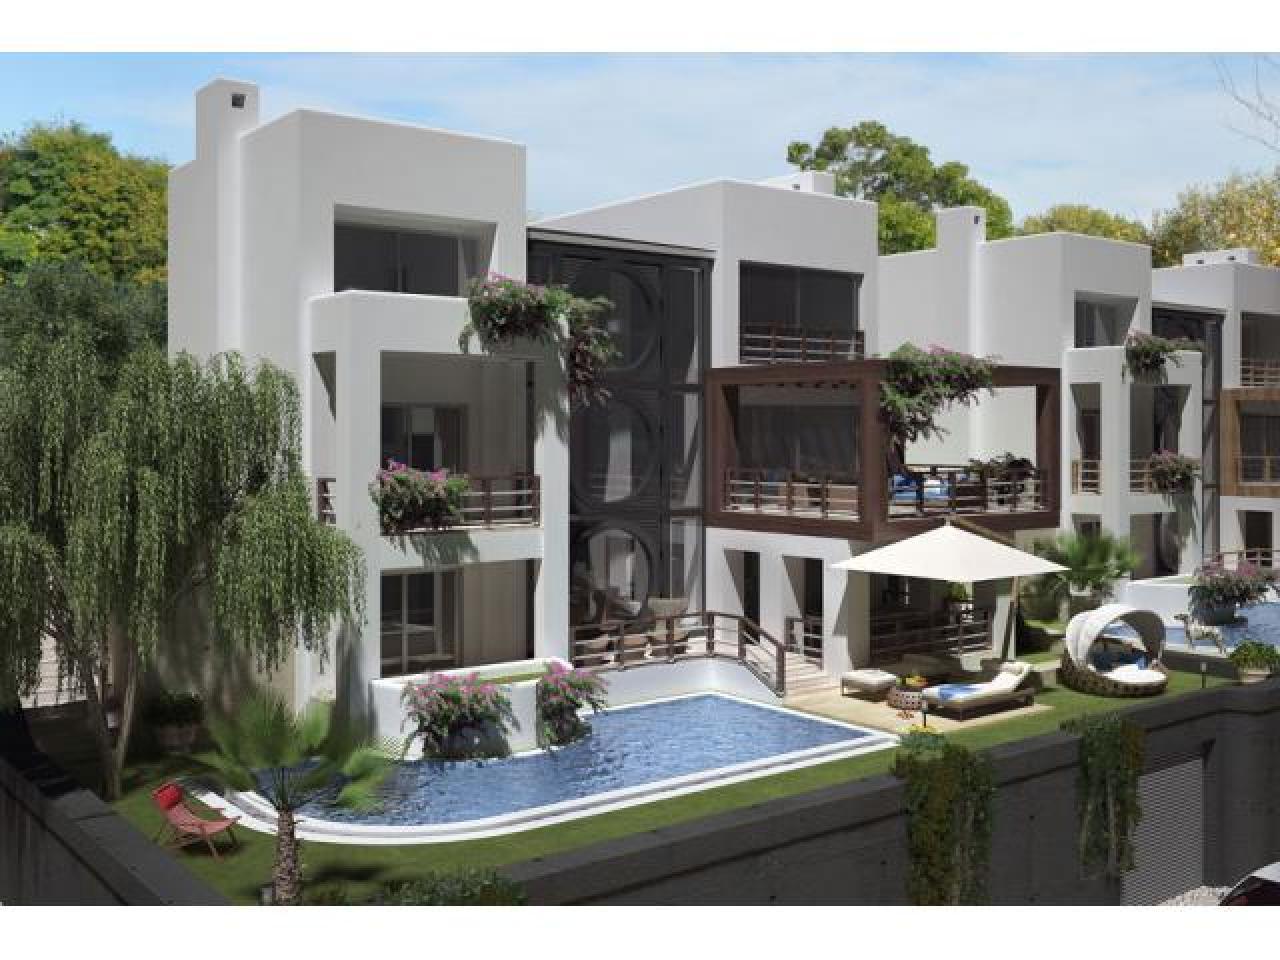 Продаётся шикарная трехэтажная вилла - новострой в районе Бодрума Ялыкавак в Турции. - 1